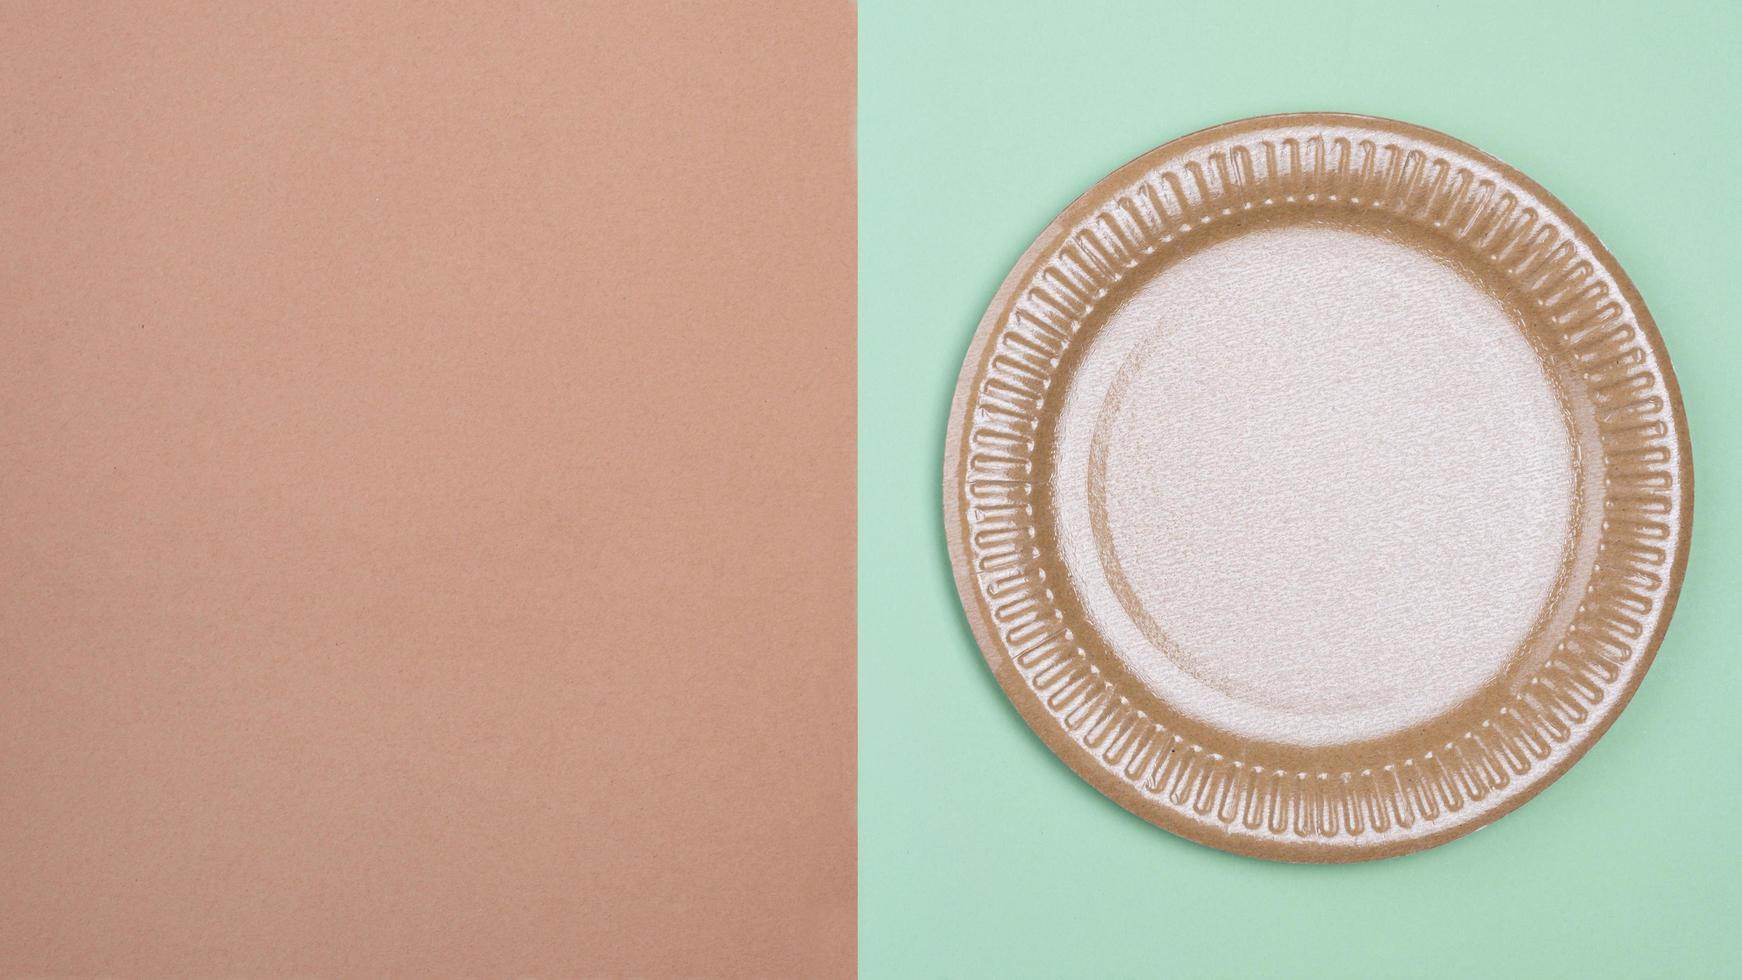 plato de papel con espacio de copia foto